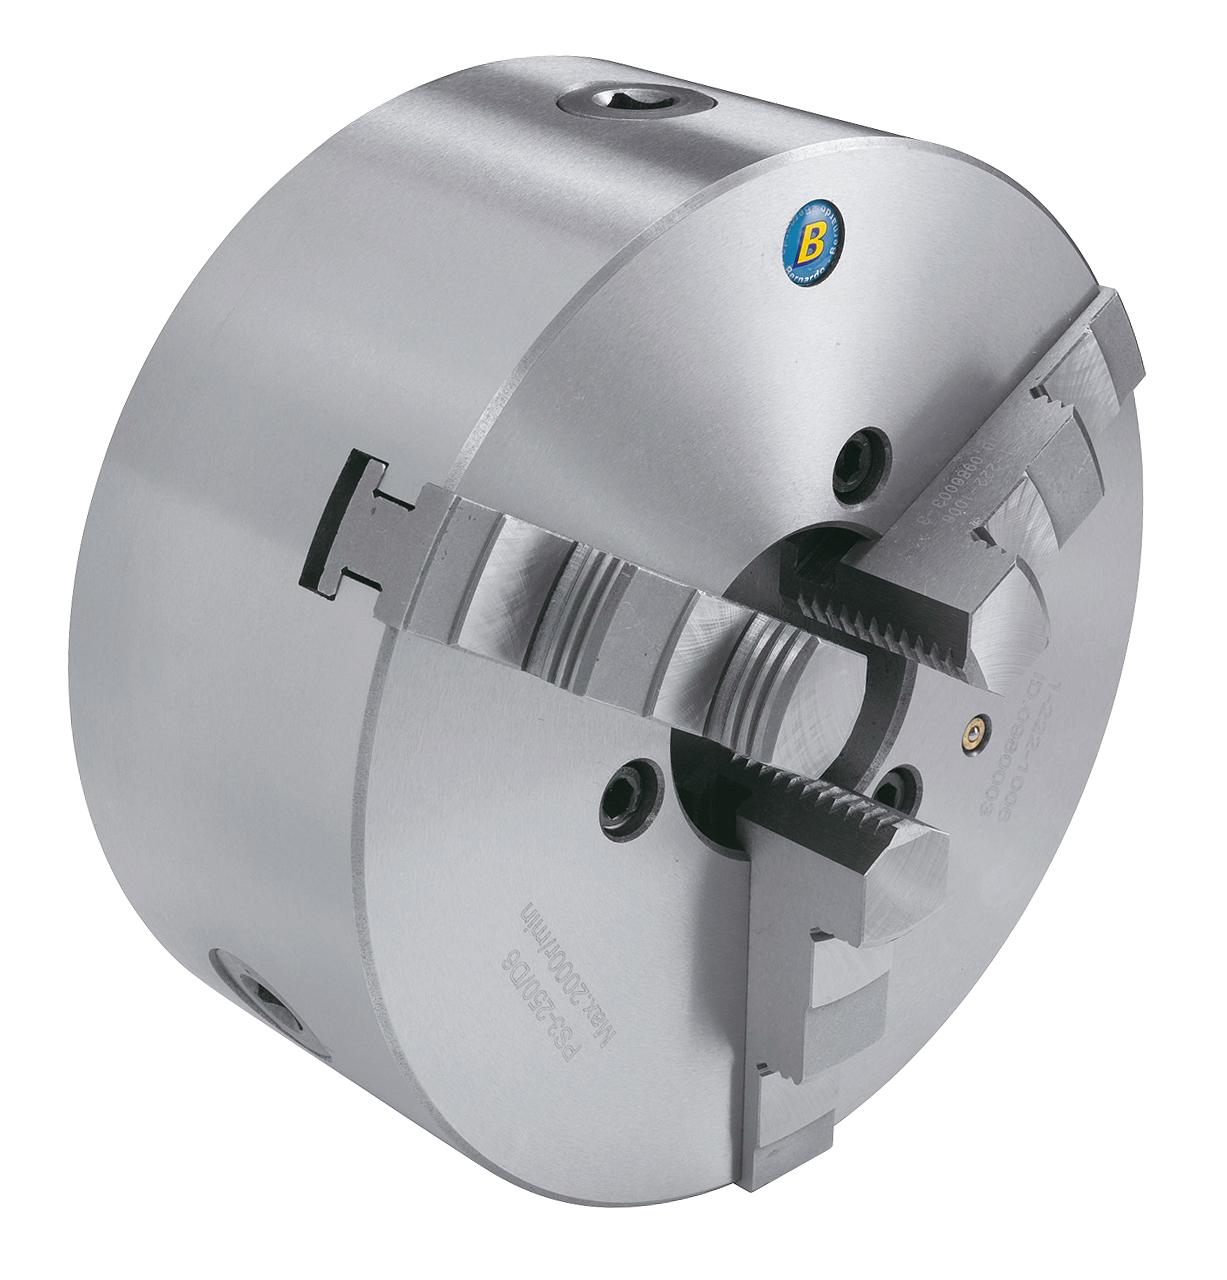 Uchwyt tokarski 3-szczękowy Bernardo PS3-D zgodnie z DIN 55029  PS3-250/D6, żeliwny BERNARDO